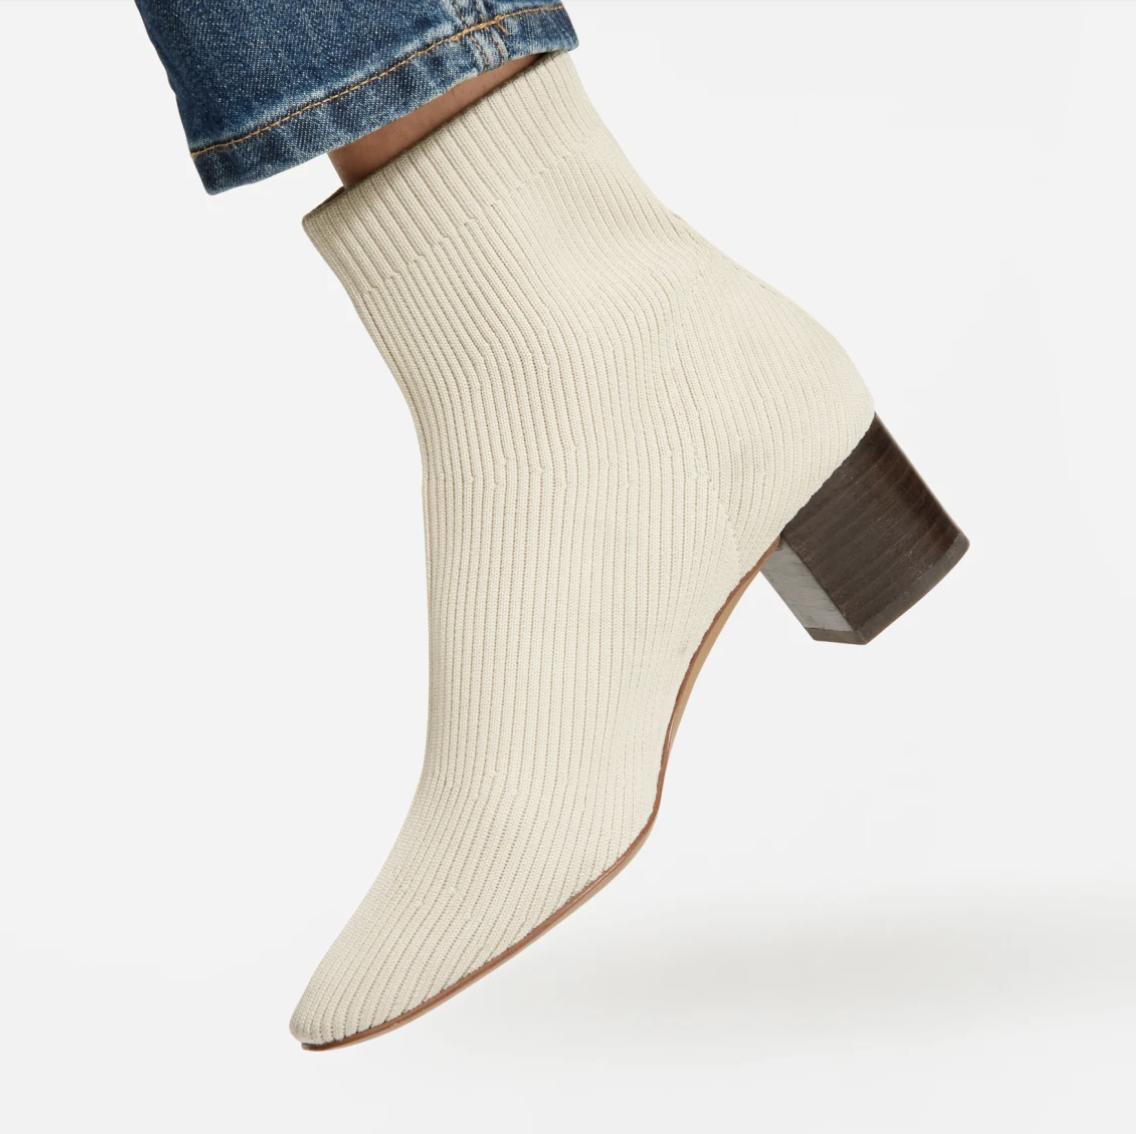 everlane boot brand